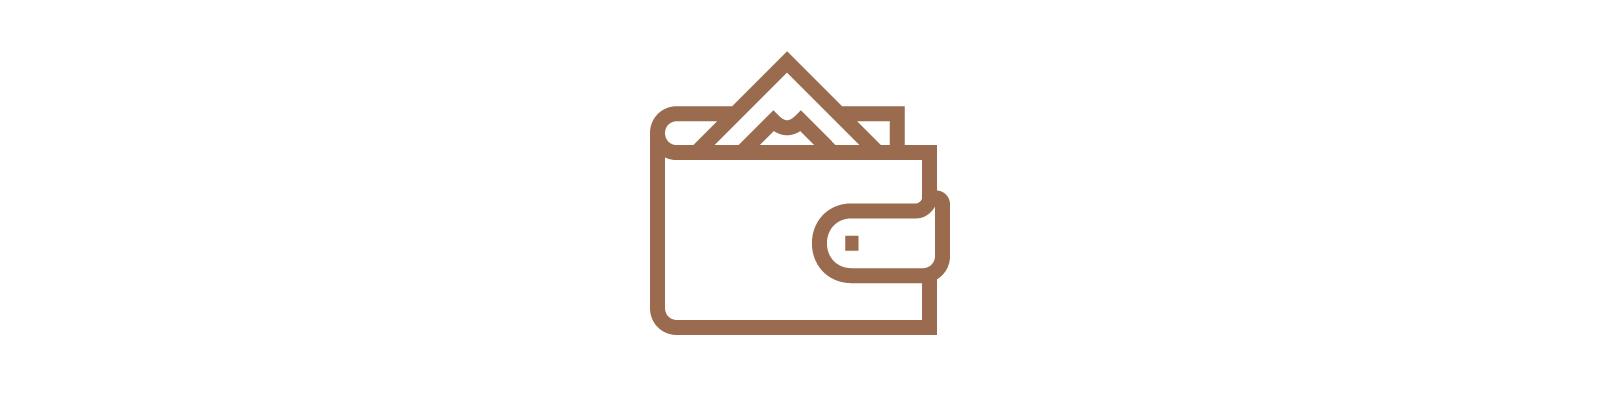 Icon_Wallet.jpg